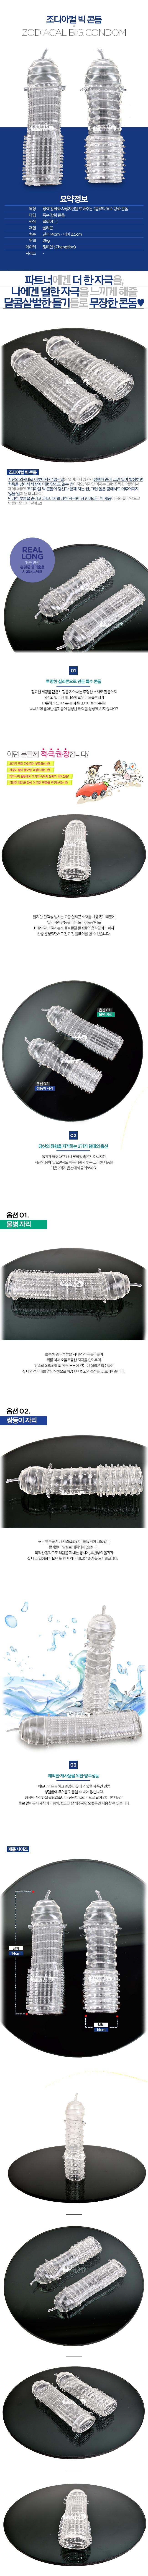 [특수 콘돔] 조디아컬 빅 콘돔(Zodiacal Big Condom) - 00408 (JTN)